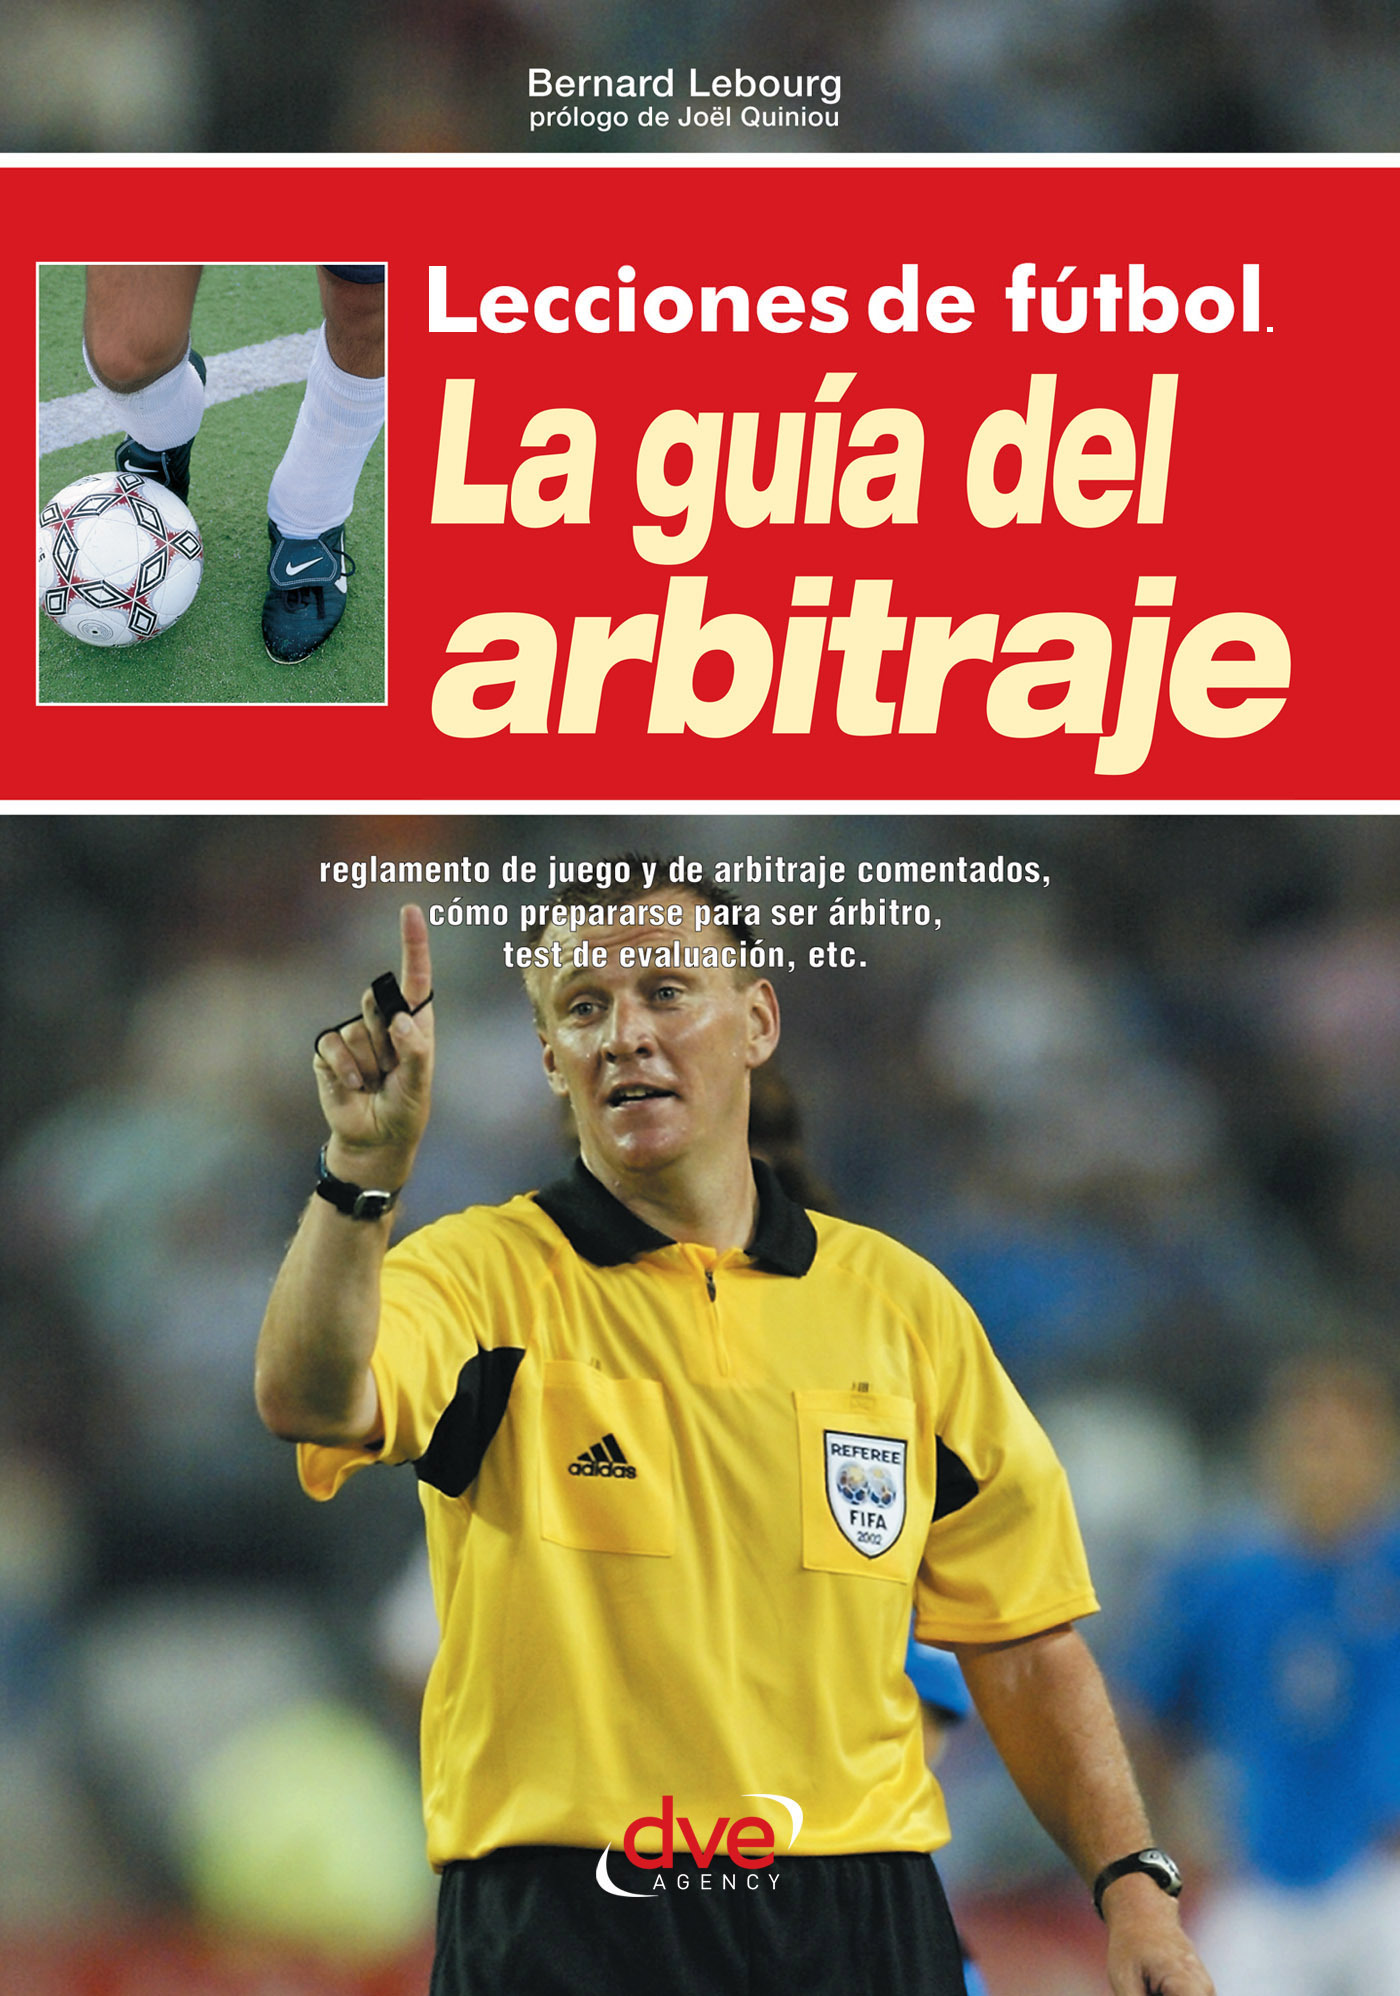 Lebourg, Bernard - Lecciones de fútbol. La guía del arbitraje, ebook